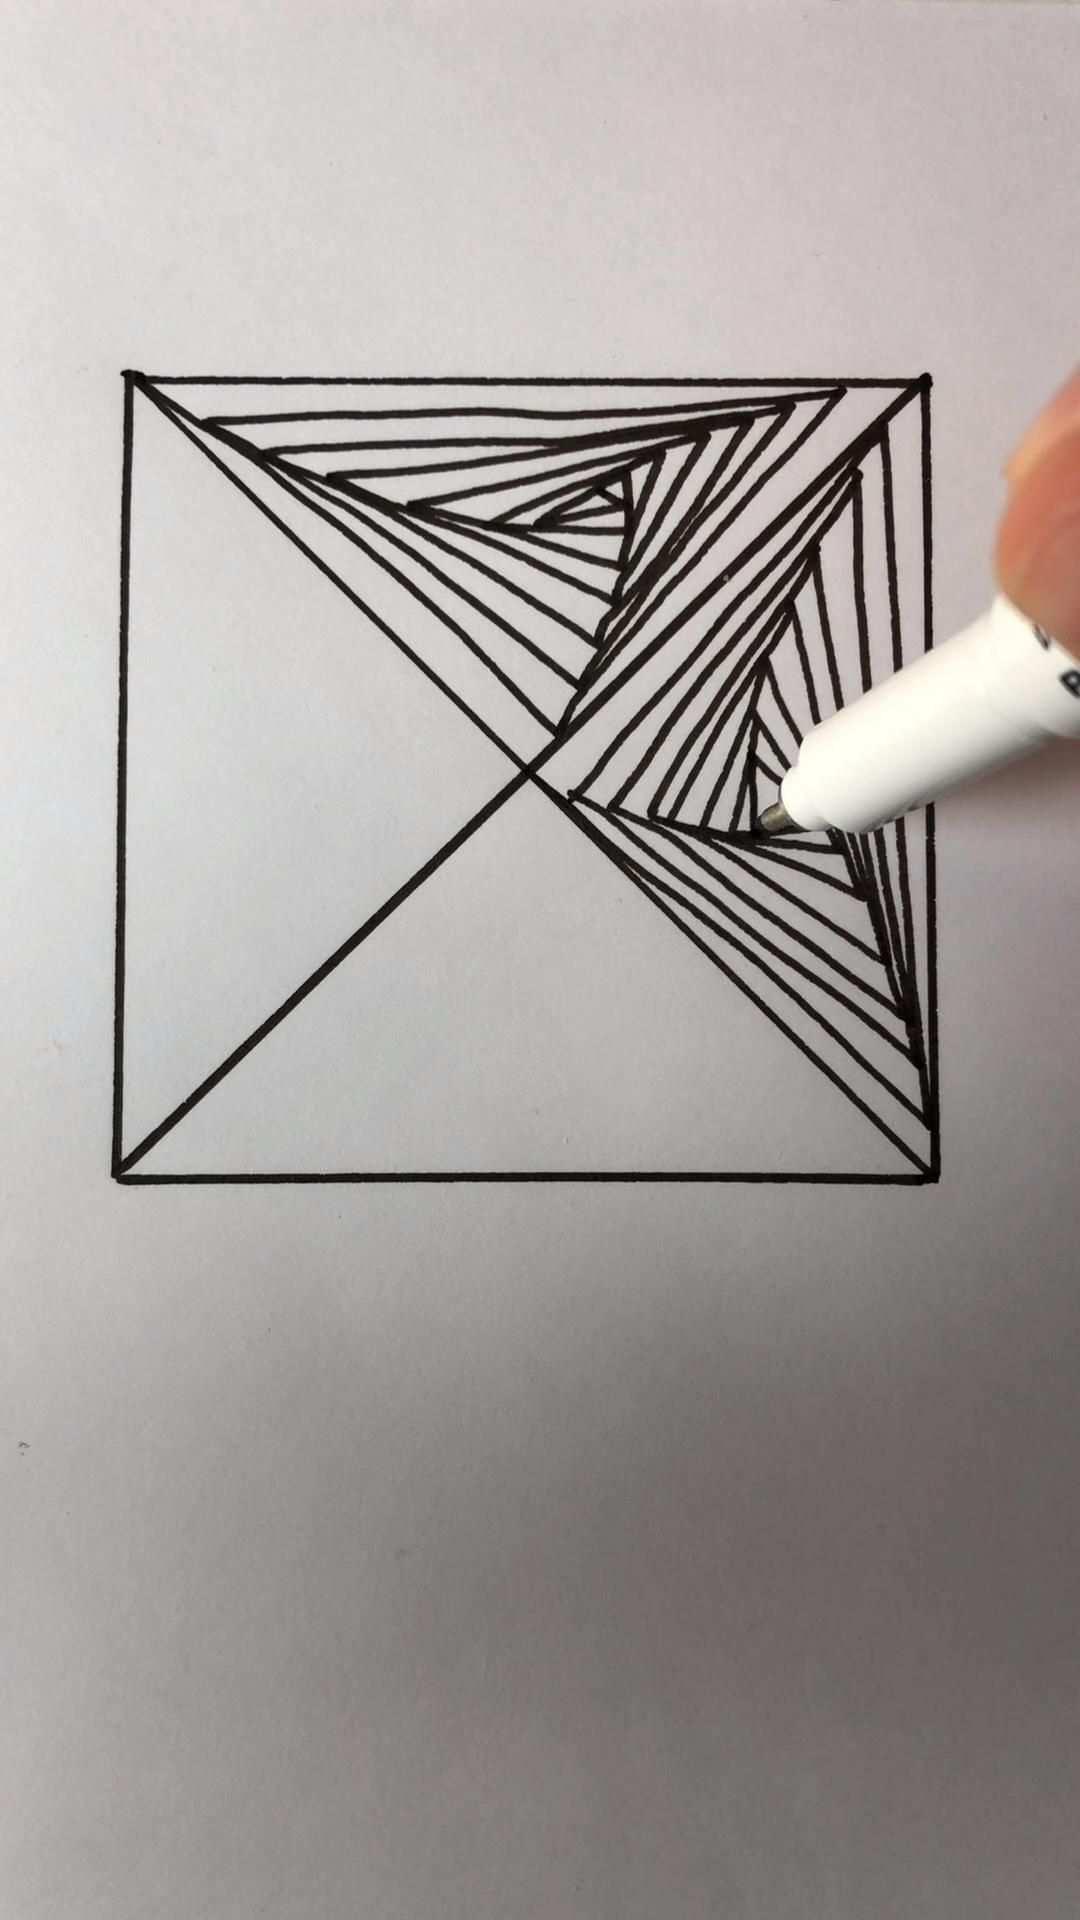 Coole 3d Zeichnung Doodle Art Video Video In 2020 3d Zeichnungen 3d Bilder Zeichnen Illusion Kunst